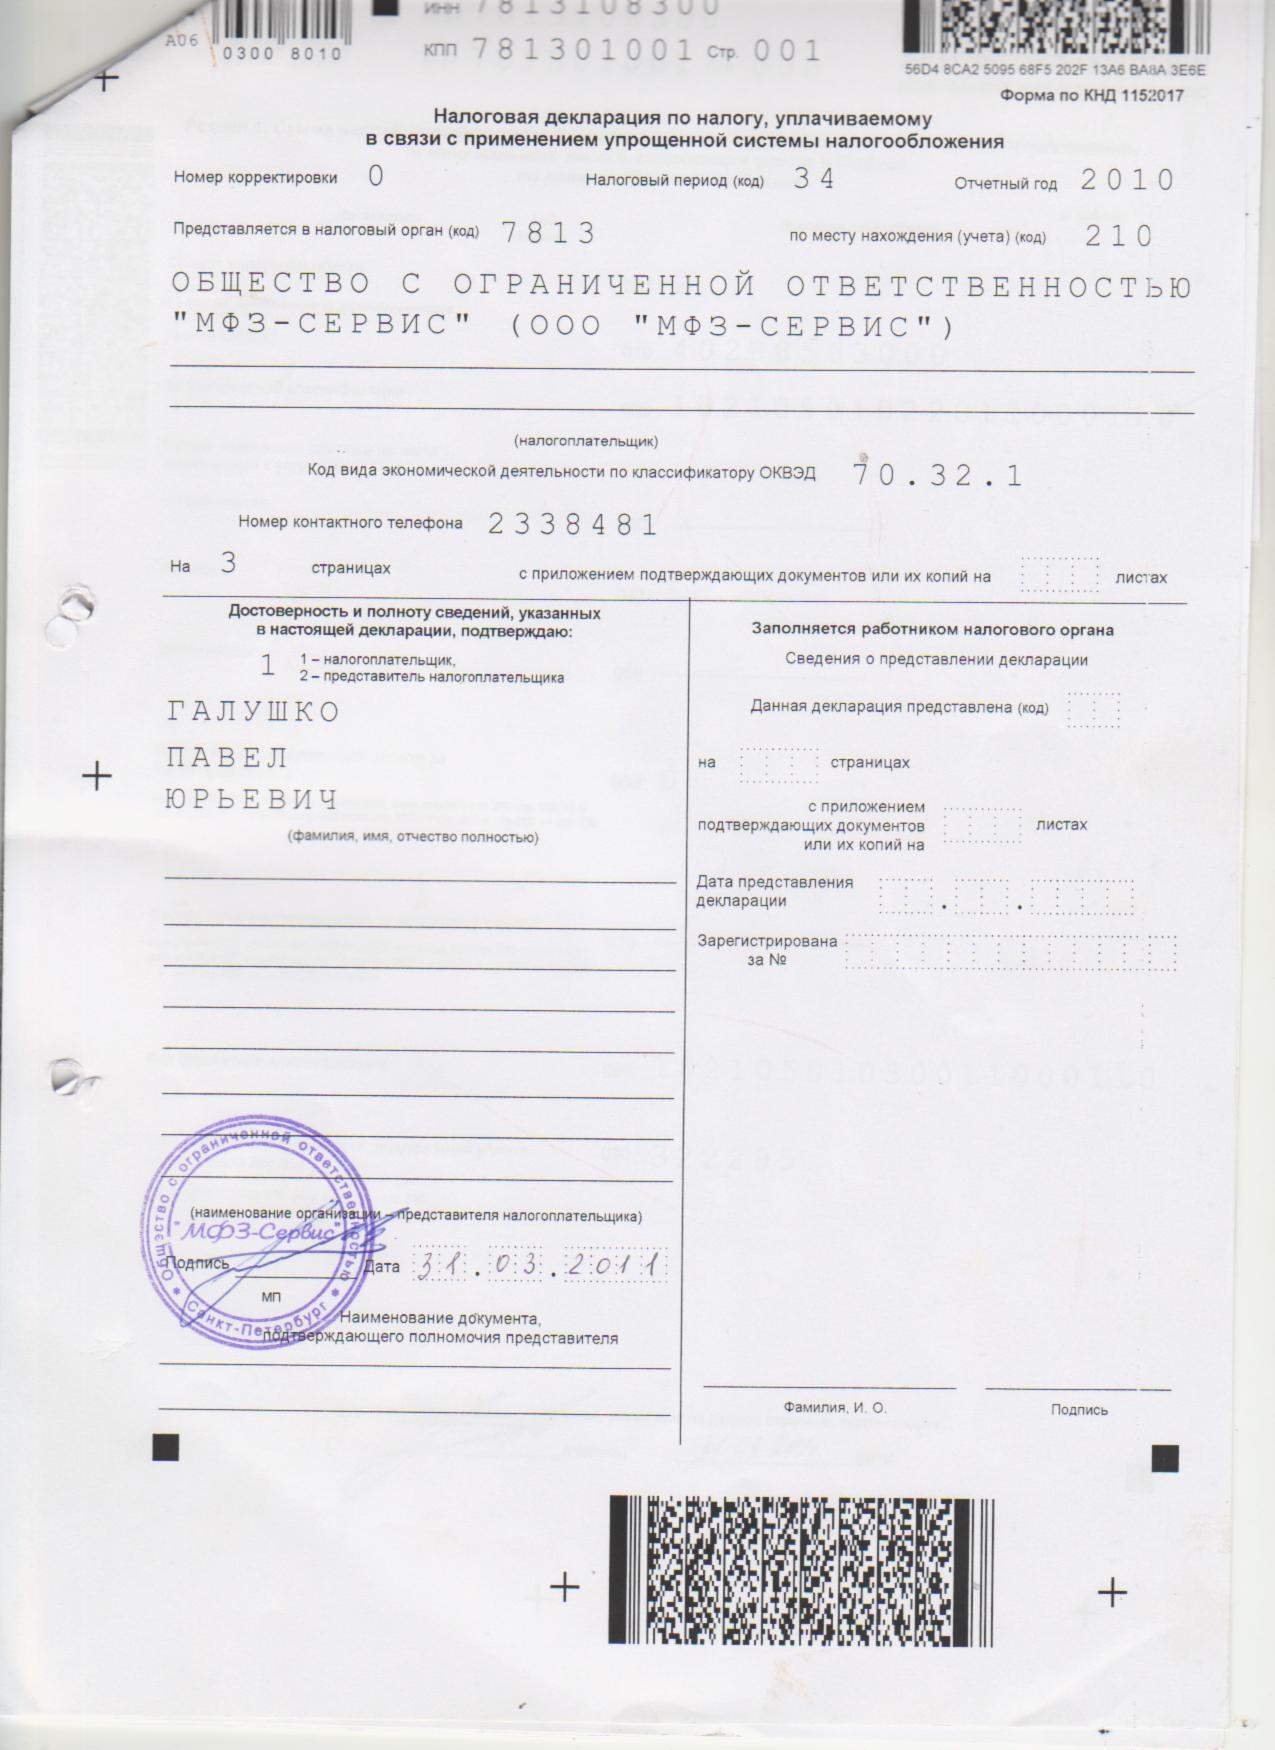 Декларация УСН 2010 стр 1